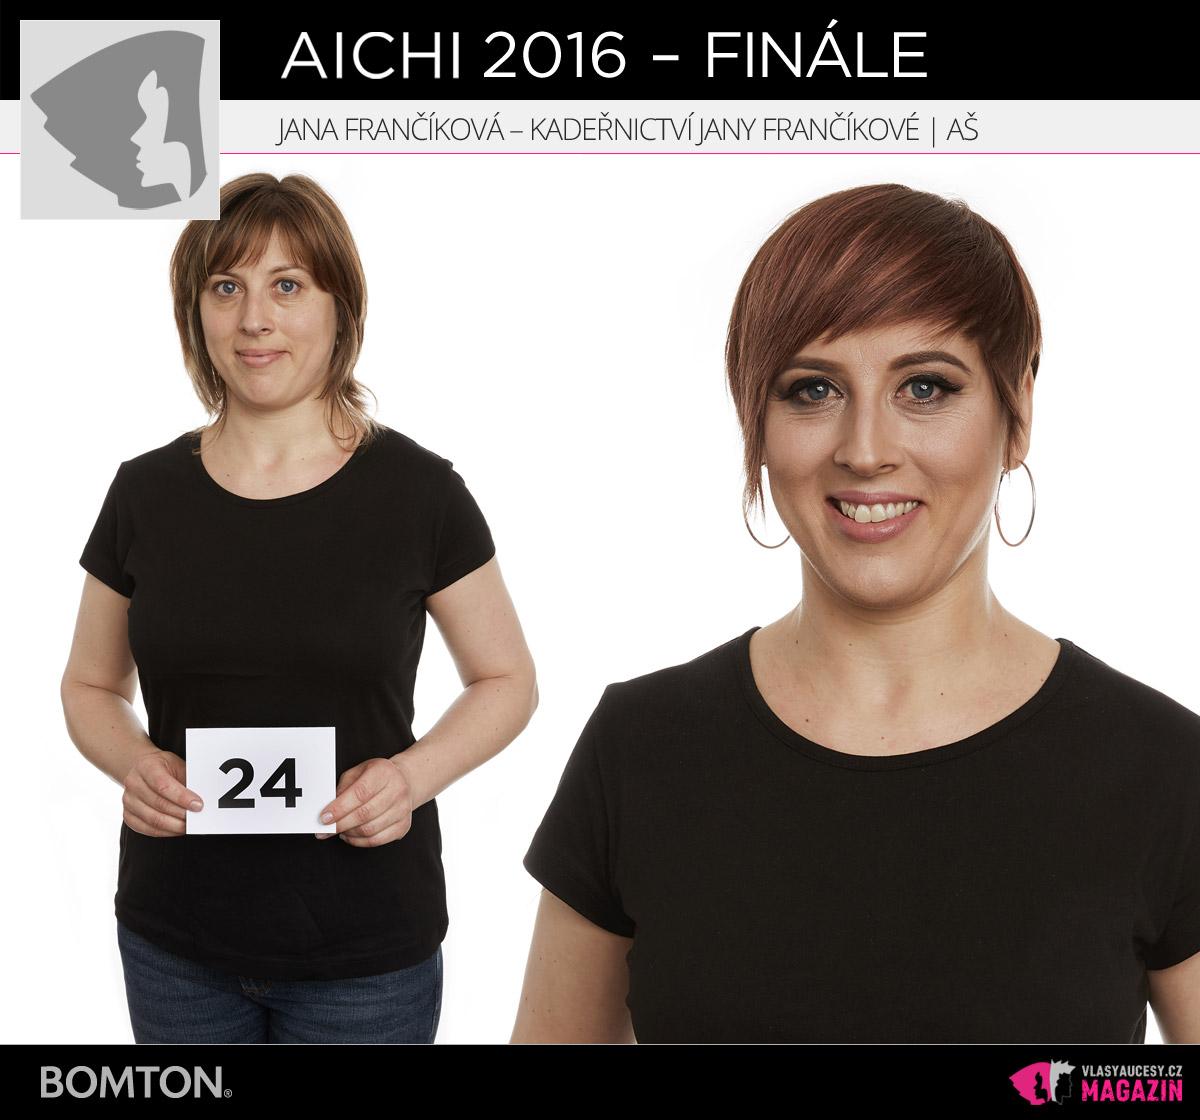 Semifinálová proměna AICHI 2016: Jana Frančíková, Kadeřnictví Jany Frančíkové, Aš